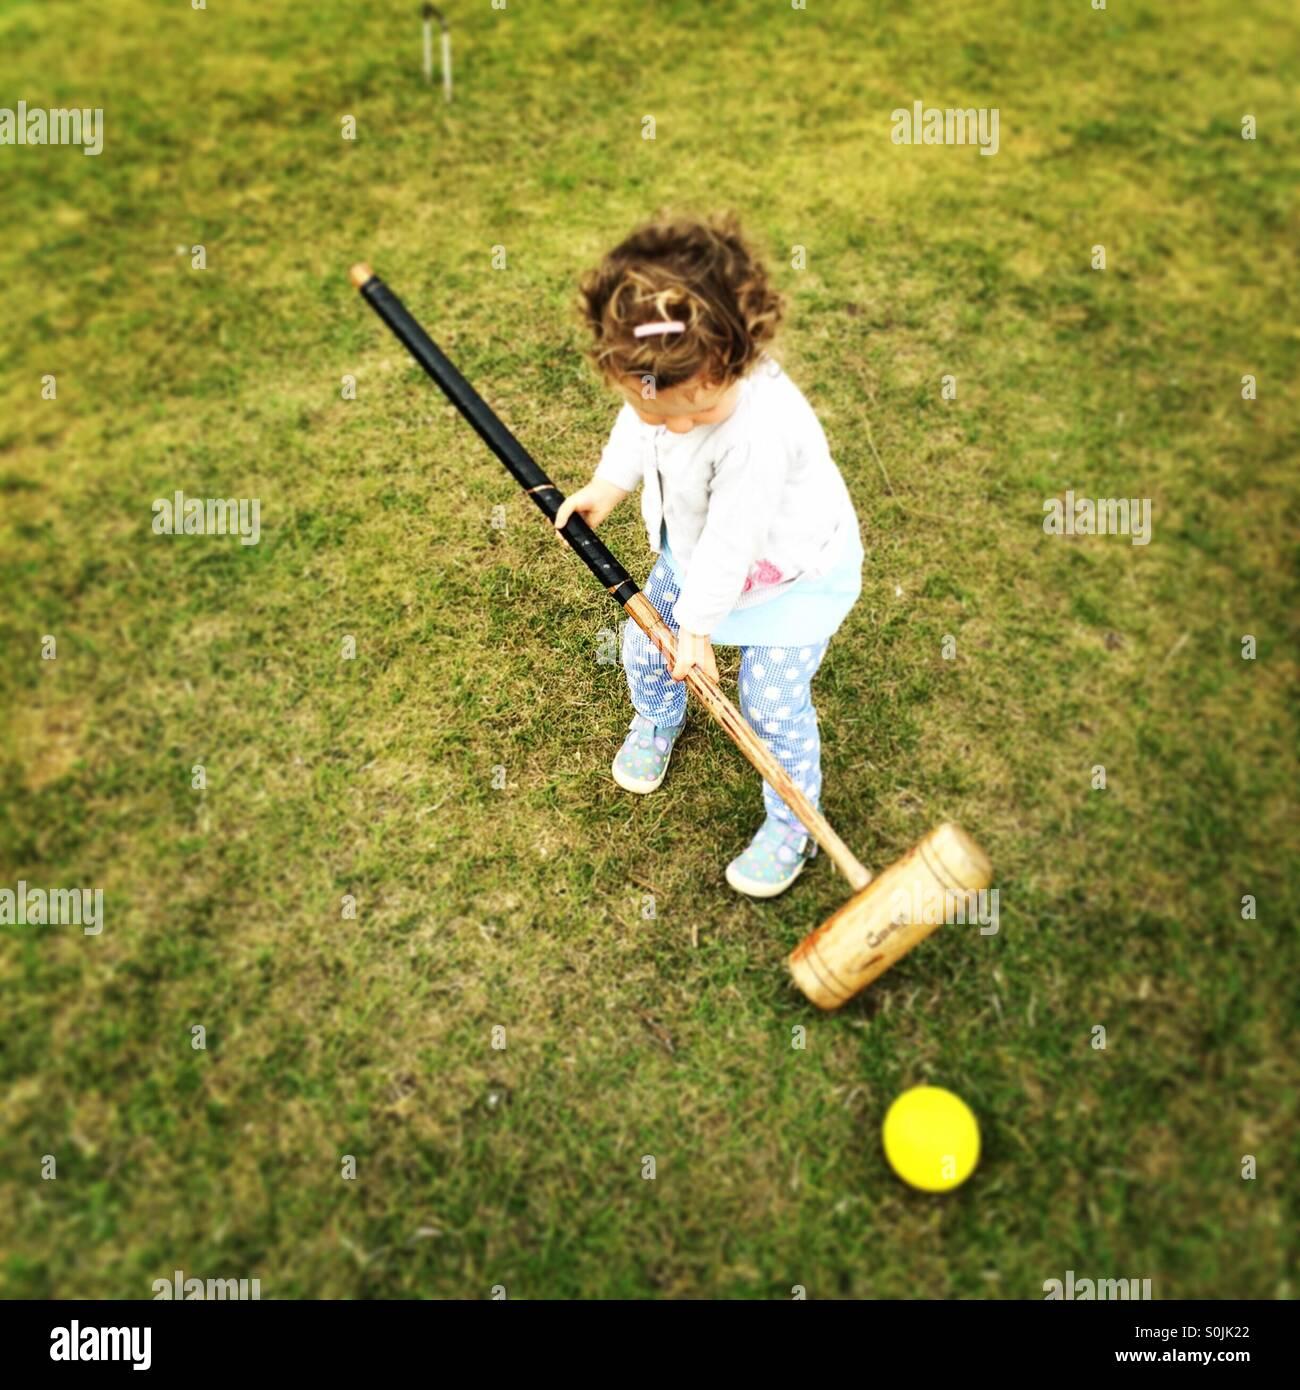 Croquet da criança Imagens de Stock